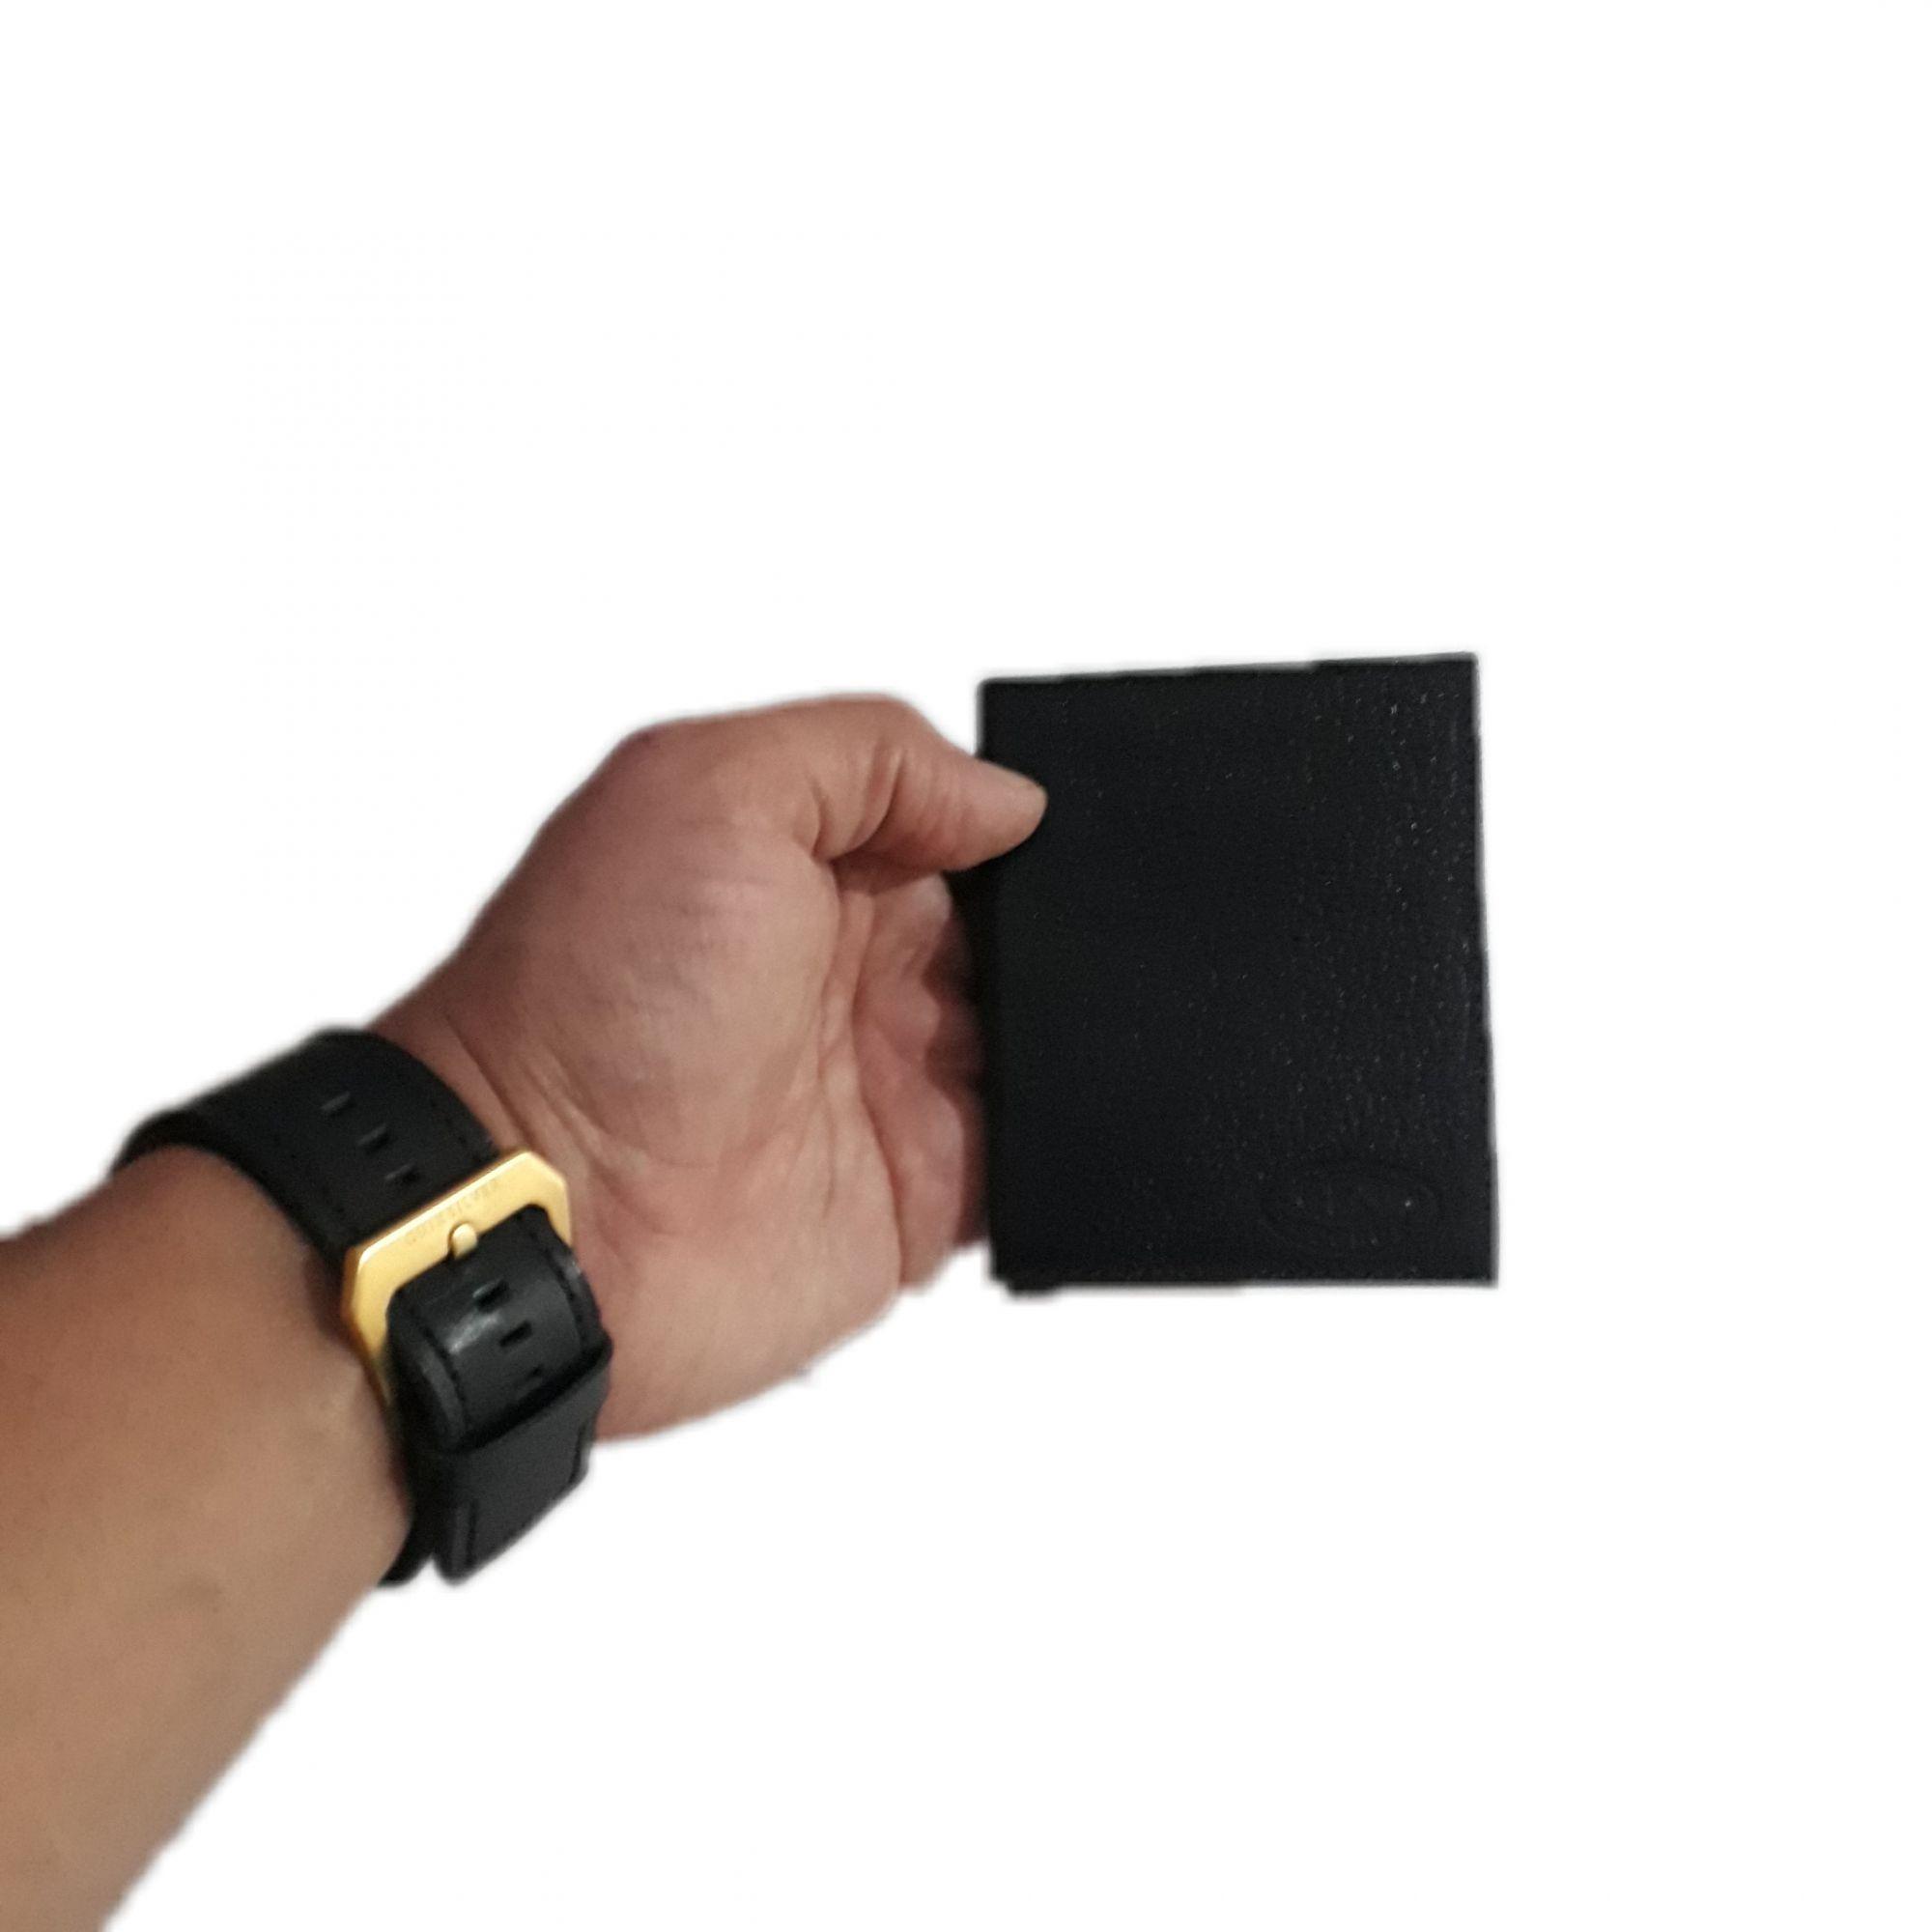 Porta cartão de couro legitimo masculino moderno pratico